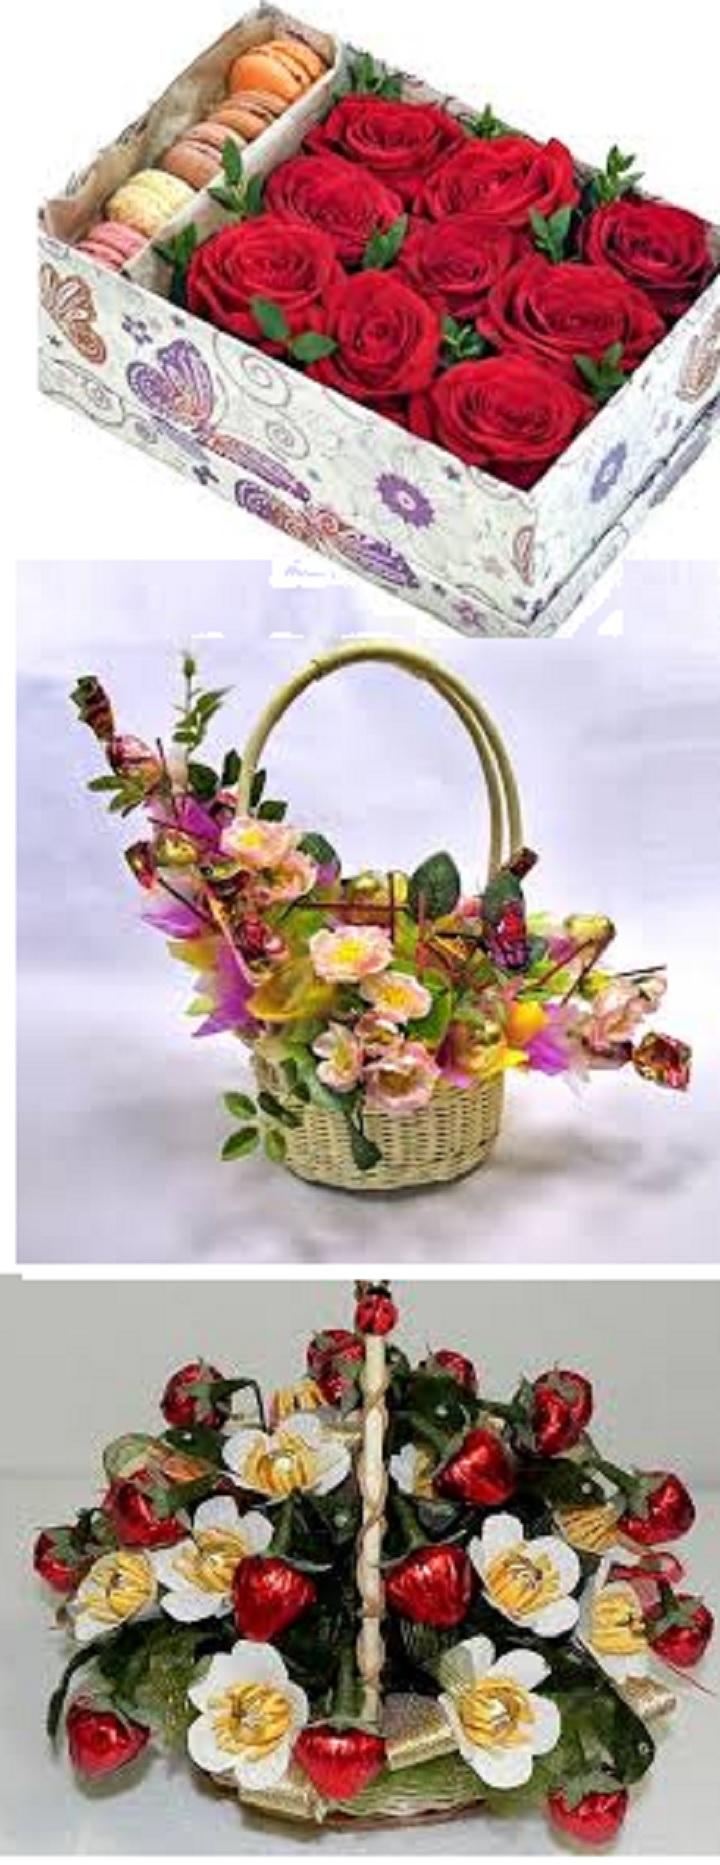 Корзина цветов со сладостями